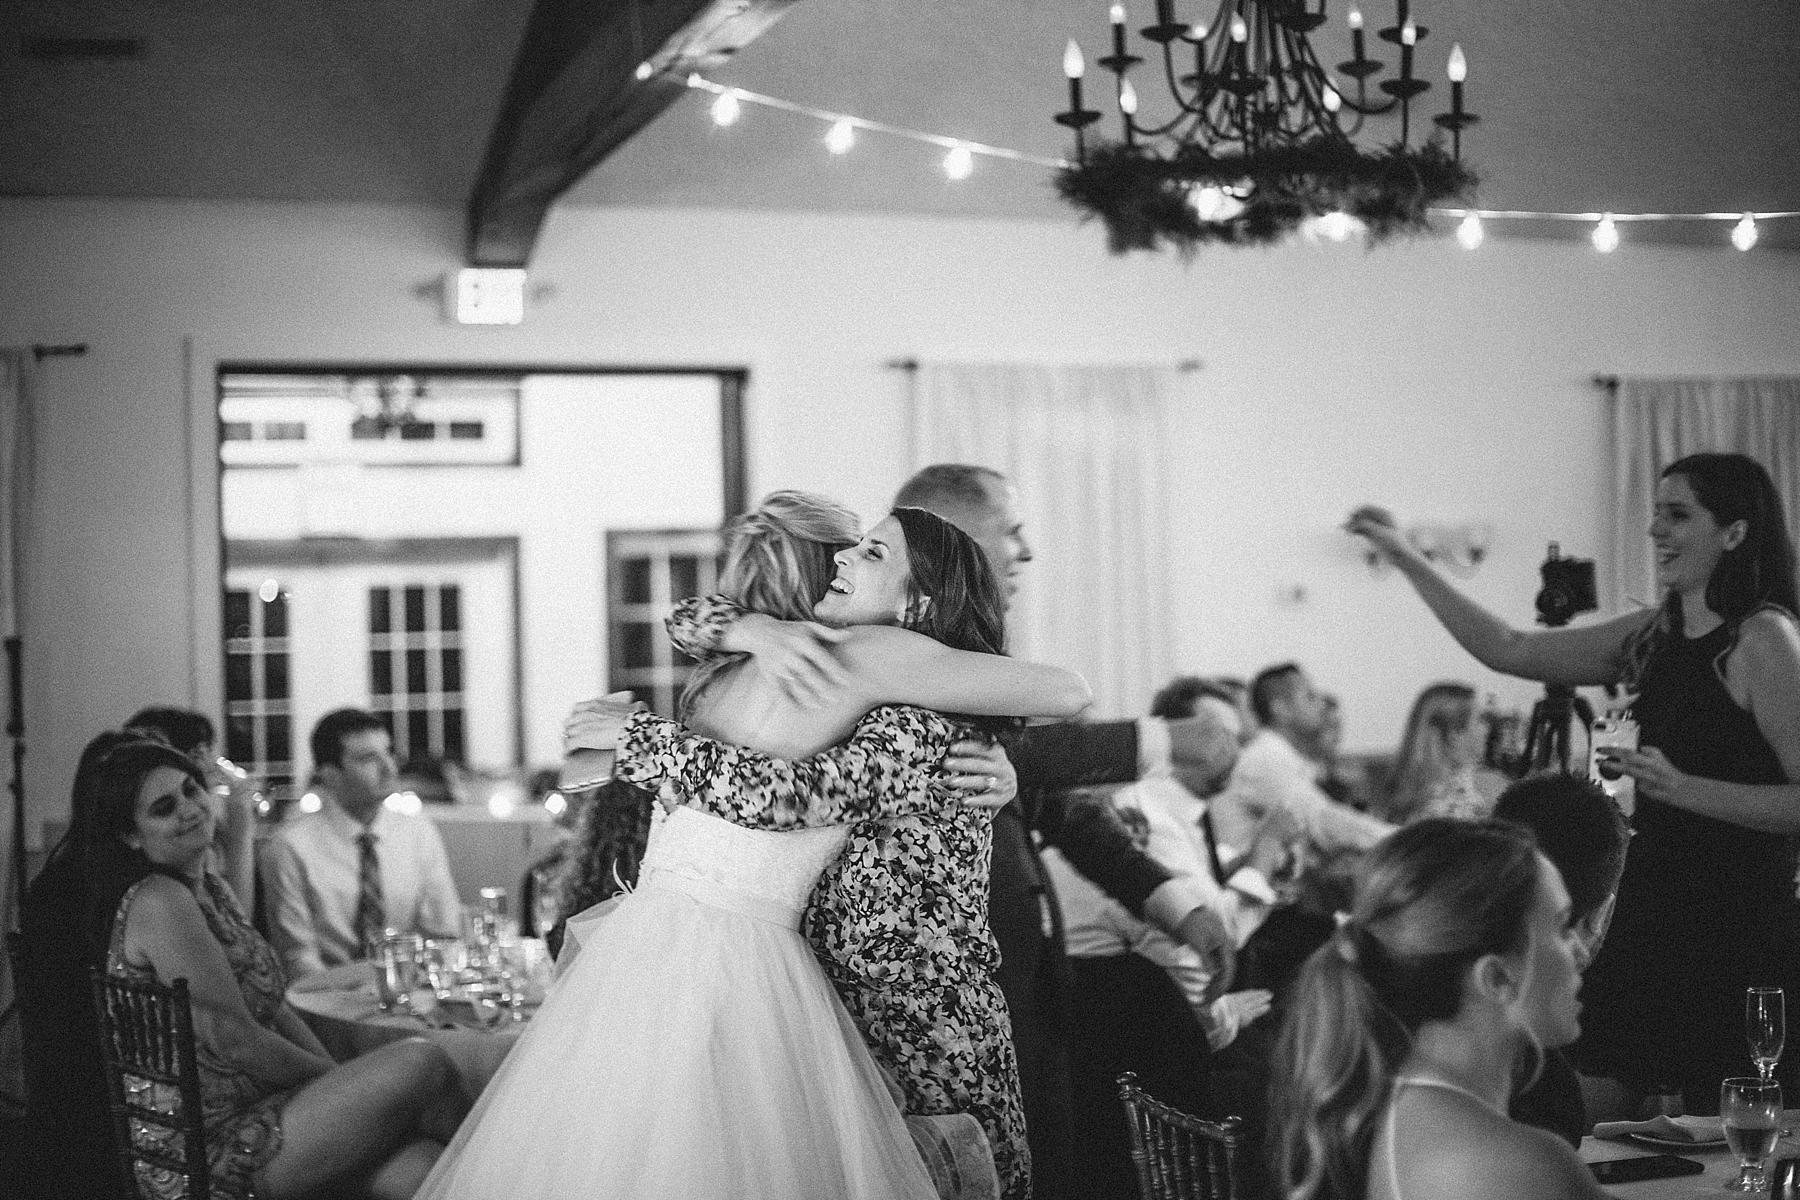 childhood-home-wedding-new-hope-pa-lambertville-nj_0088.jpg